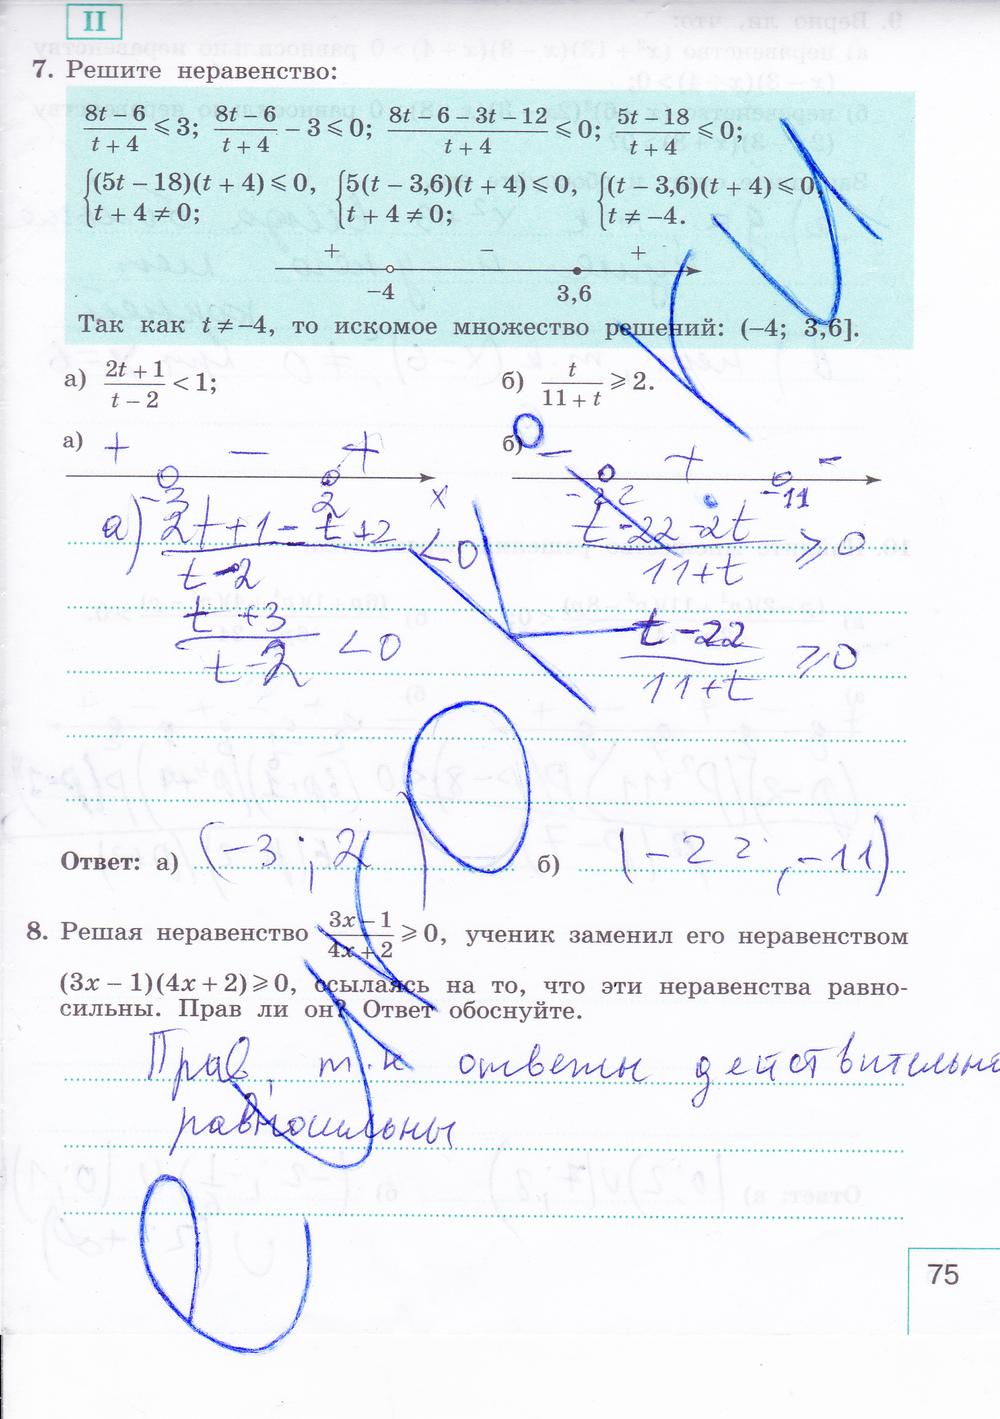 гдз по алгебре 9 класс рабочая тетрадь миндюк шлыкова 1